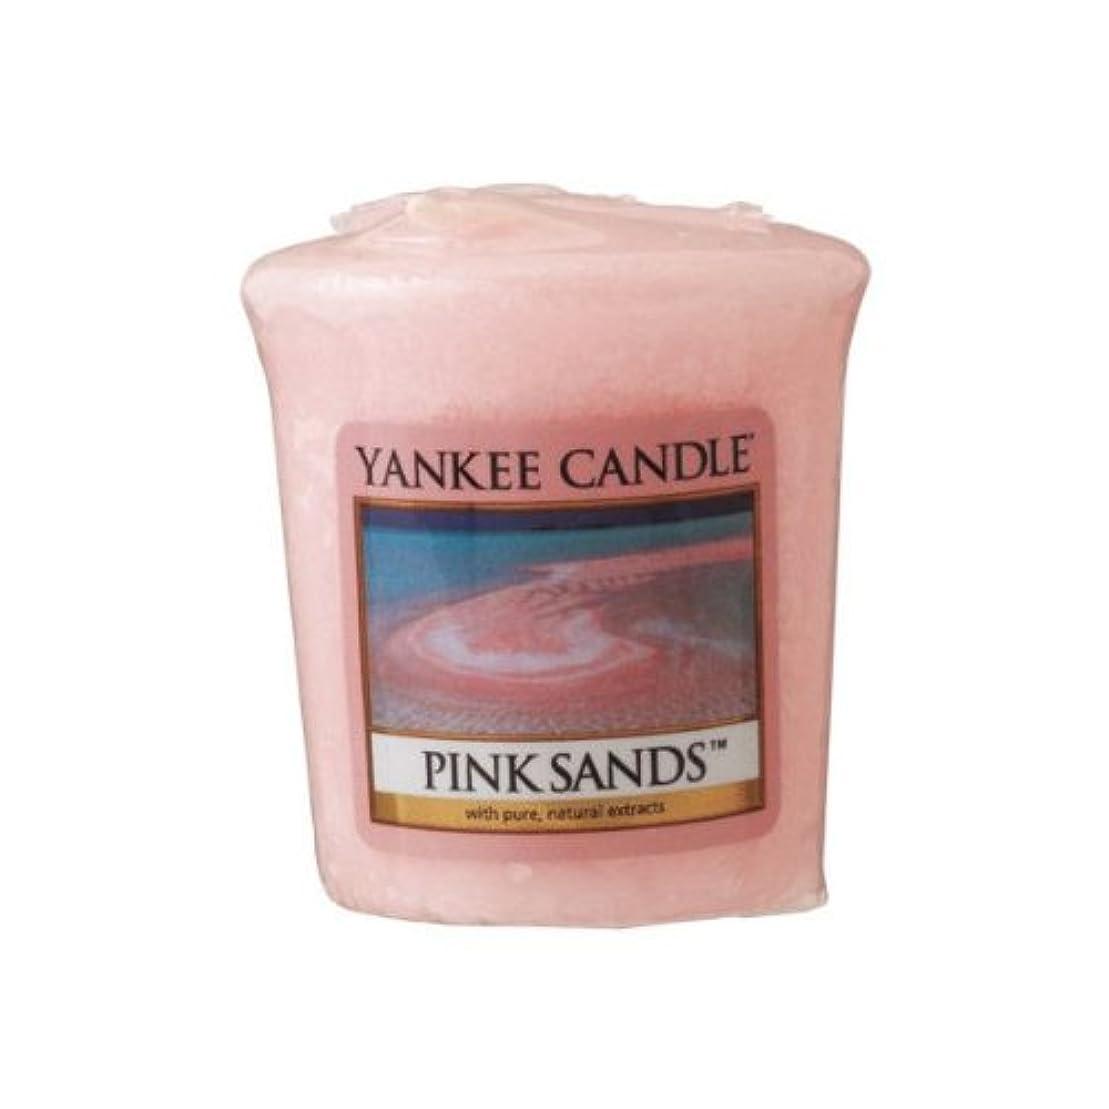 論争そこ意識的YANKEE CANDLE(ヤンキーキャンドル) サンプラー ピンクサンド